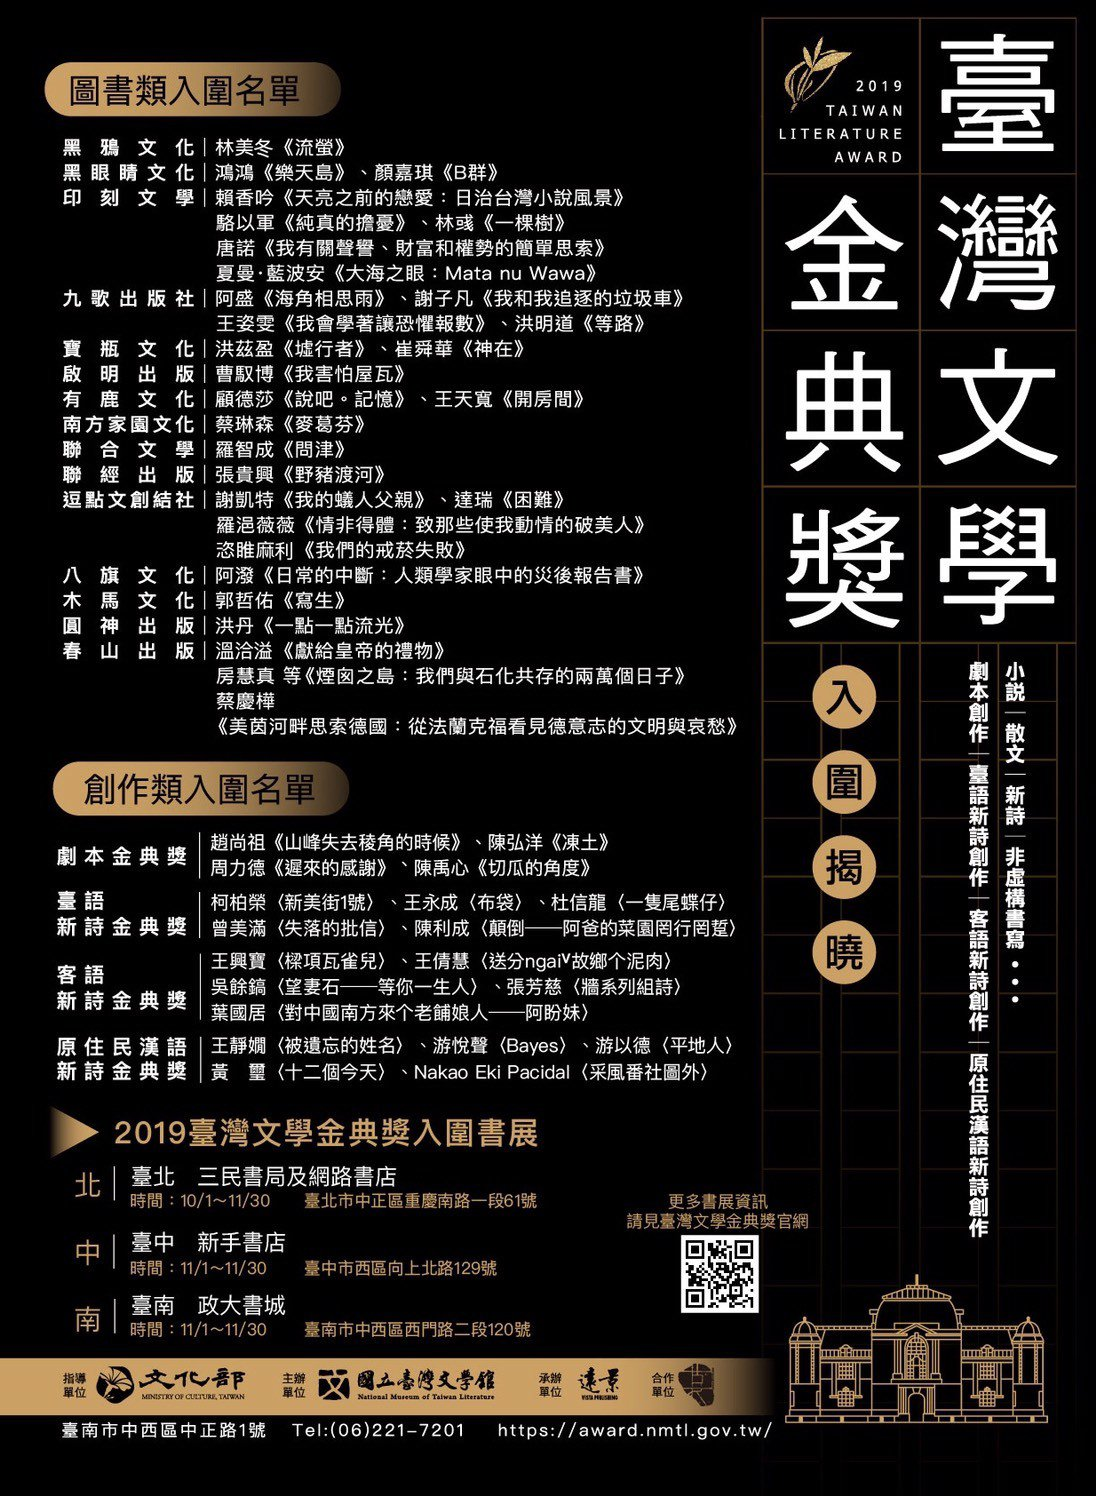 2019臺灣文學金典獎入圍名單。(圖/國立臺灣文學館 提供)